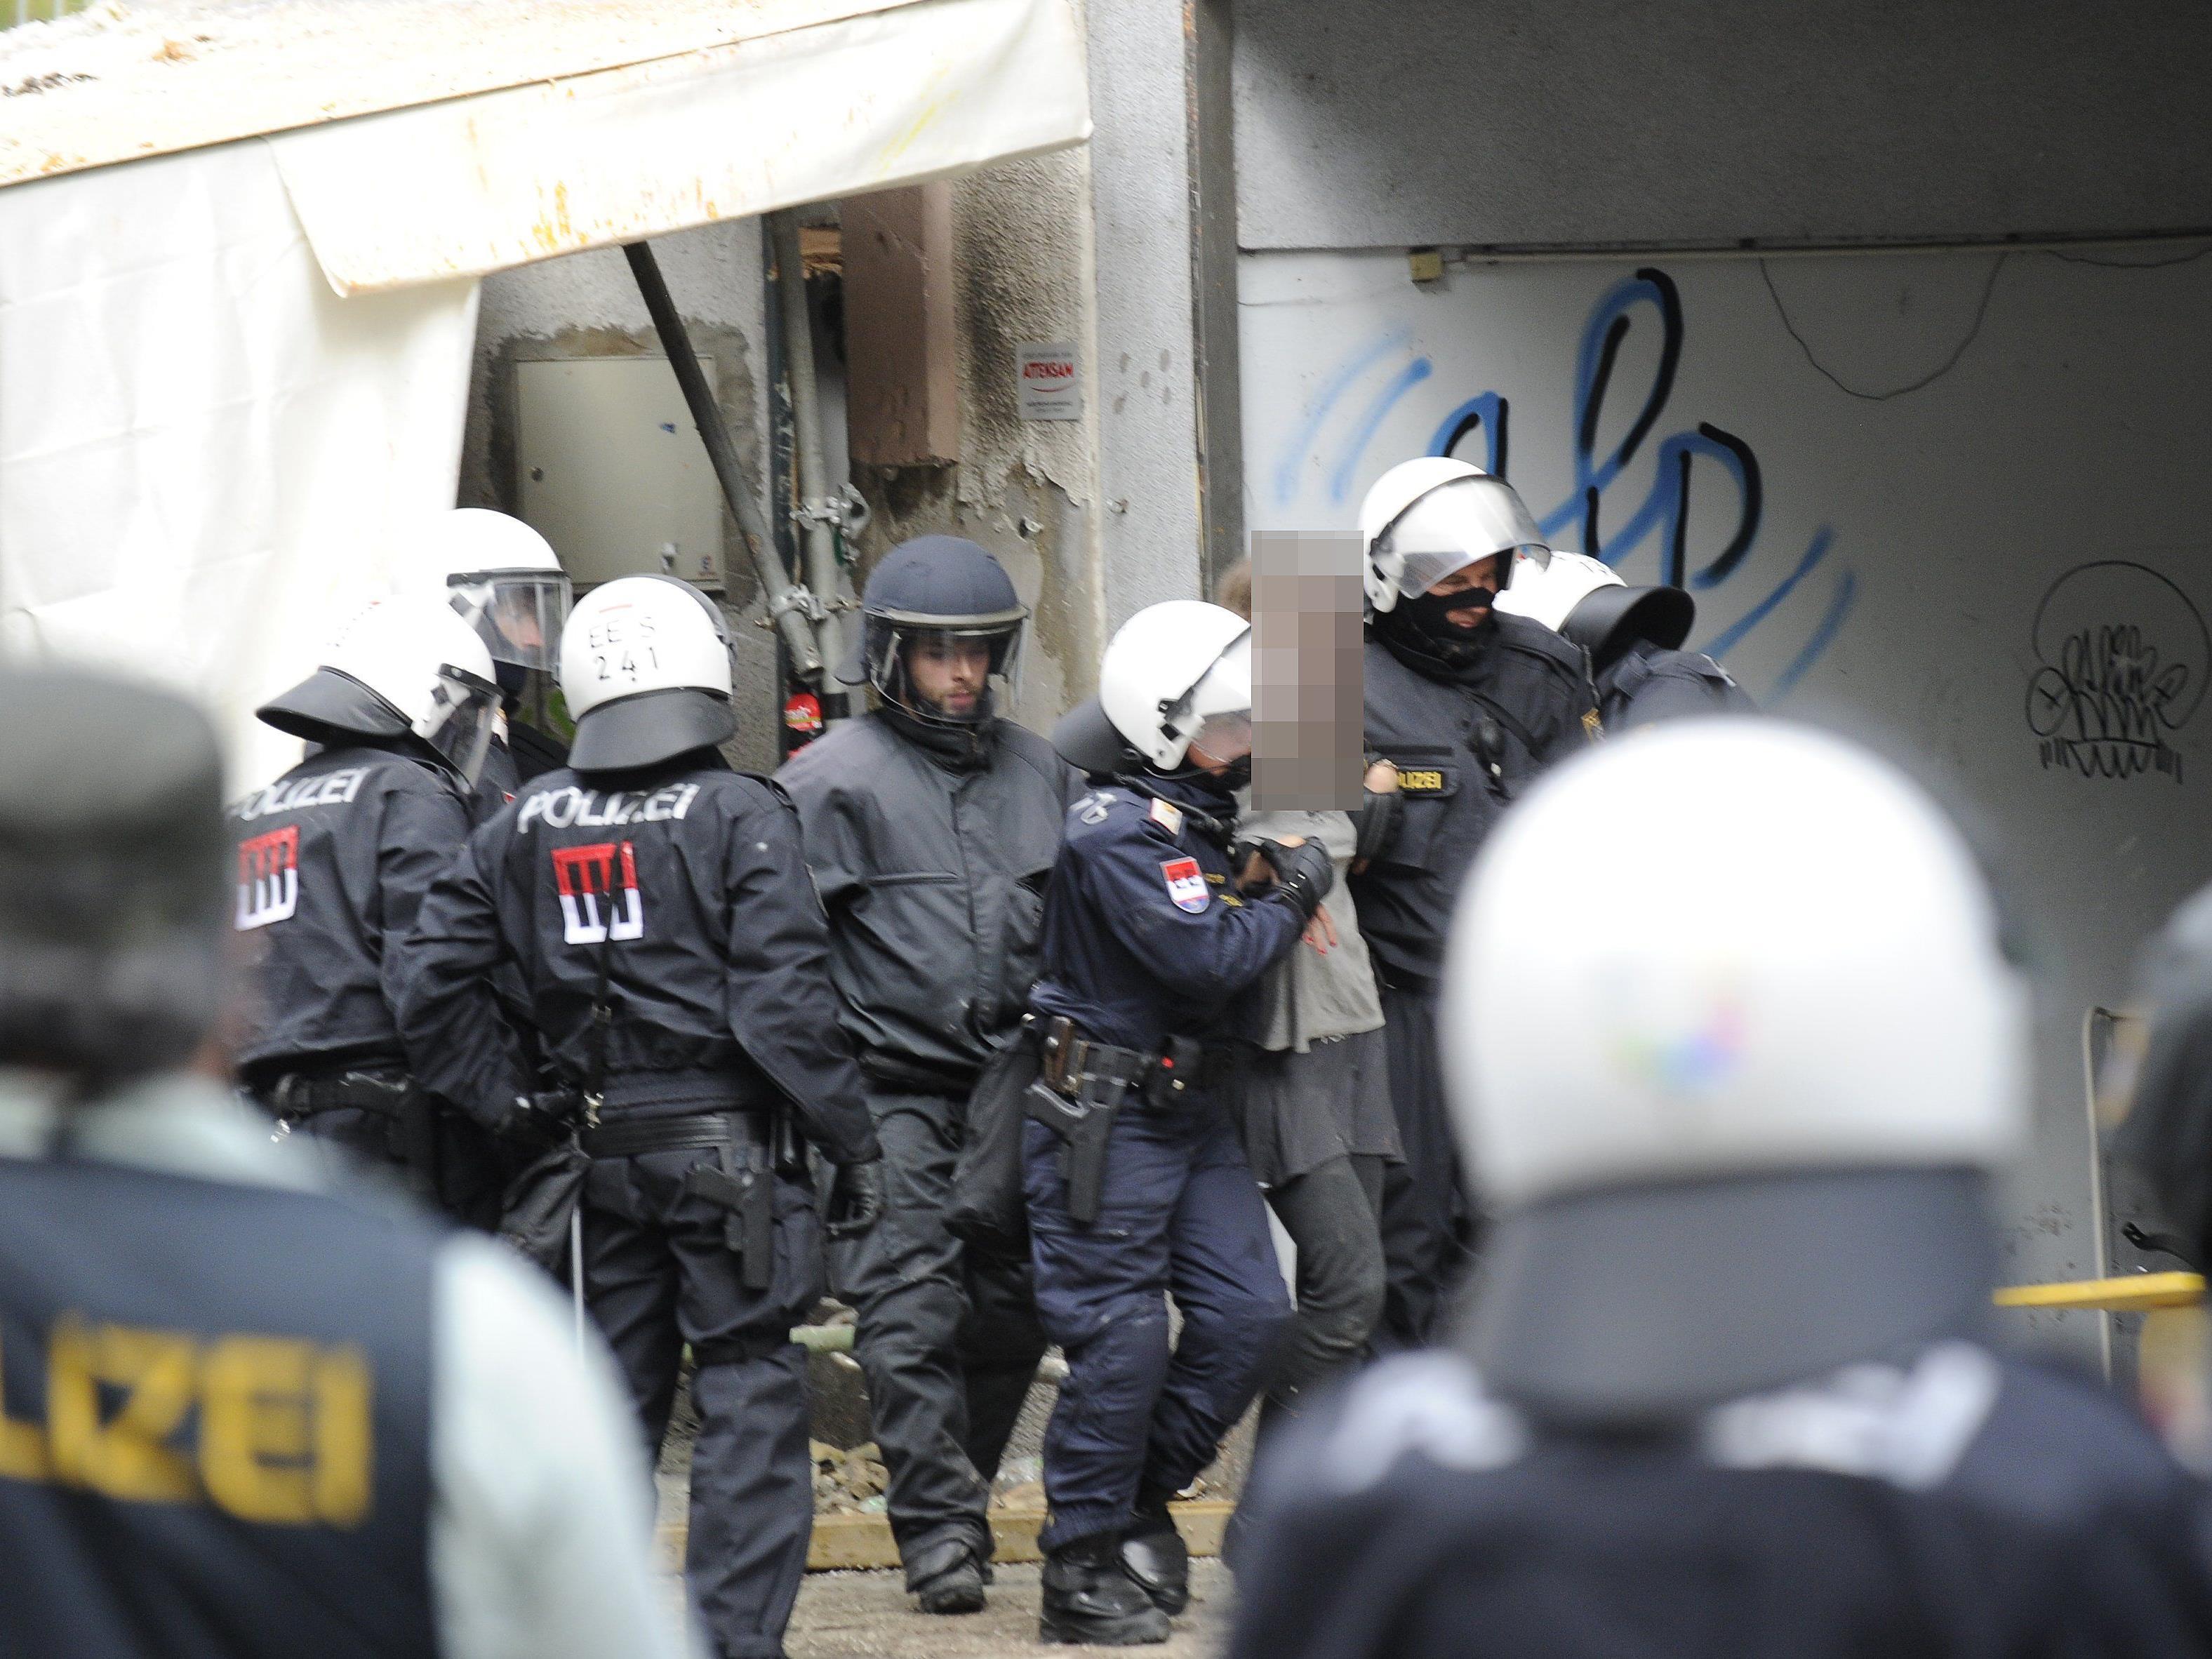 """Polizeieinsatz beendet: 19 Personen wurden aus dem Inneren der """"Pizzaria Anarchia"""" abgeführt."""